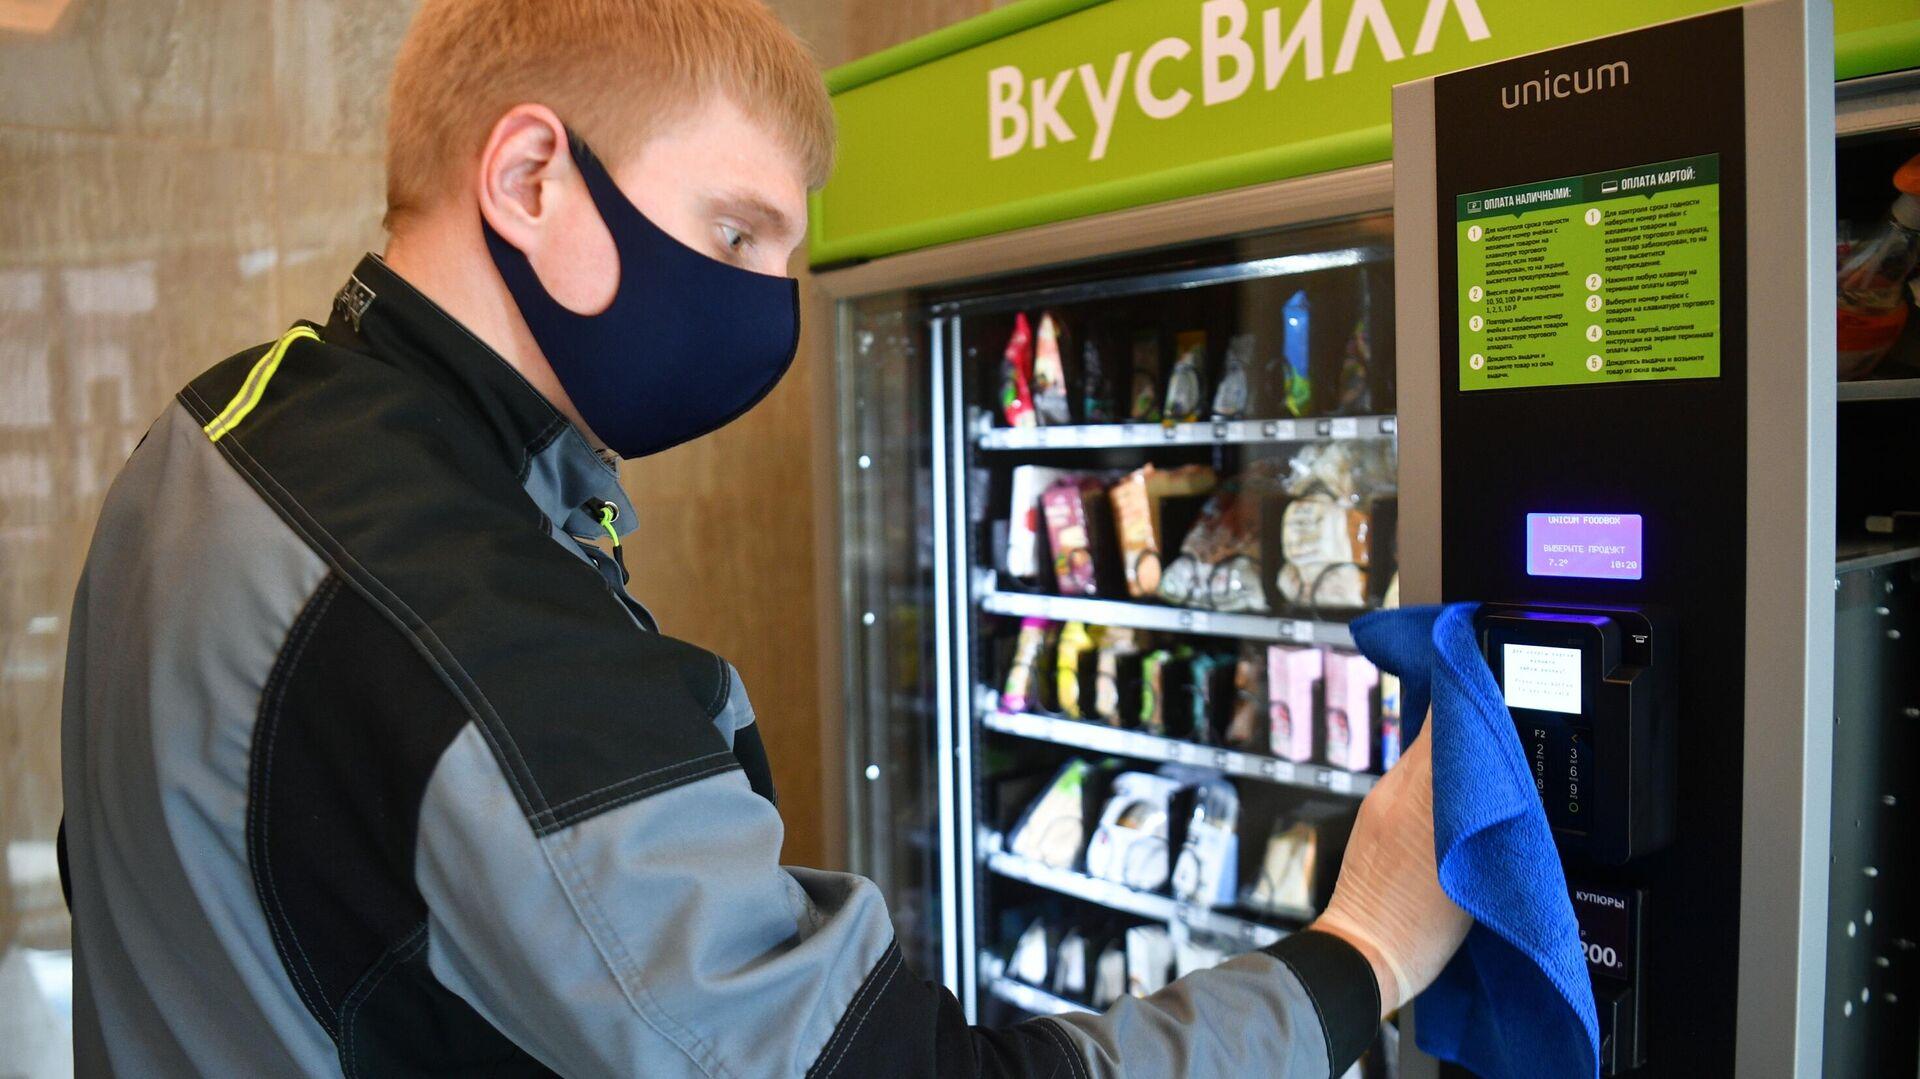 Сотрудник сетевого магазина продуктов питания ВкусВилл проводит санитарную обработку вендингового автомата - РИА Новости, 1920, 03.08.2021